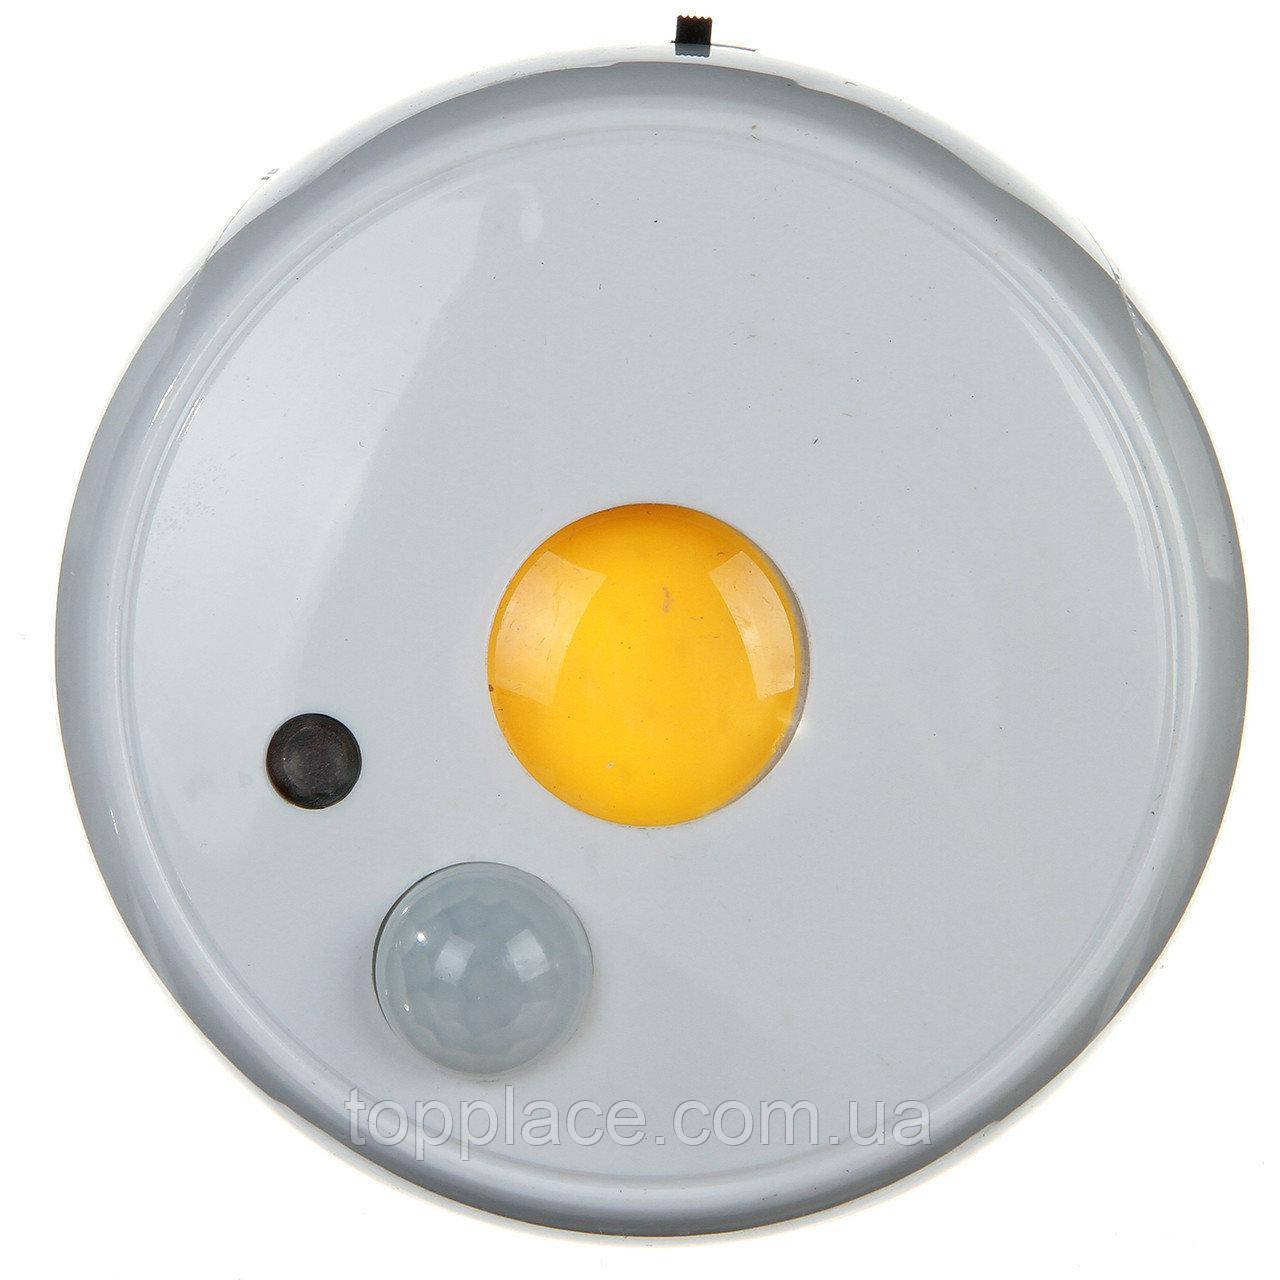 Світлодіодний ліхтар LED з датчиком руху Cozy Glow (LS1010053892)